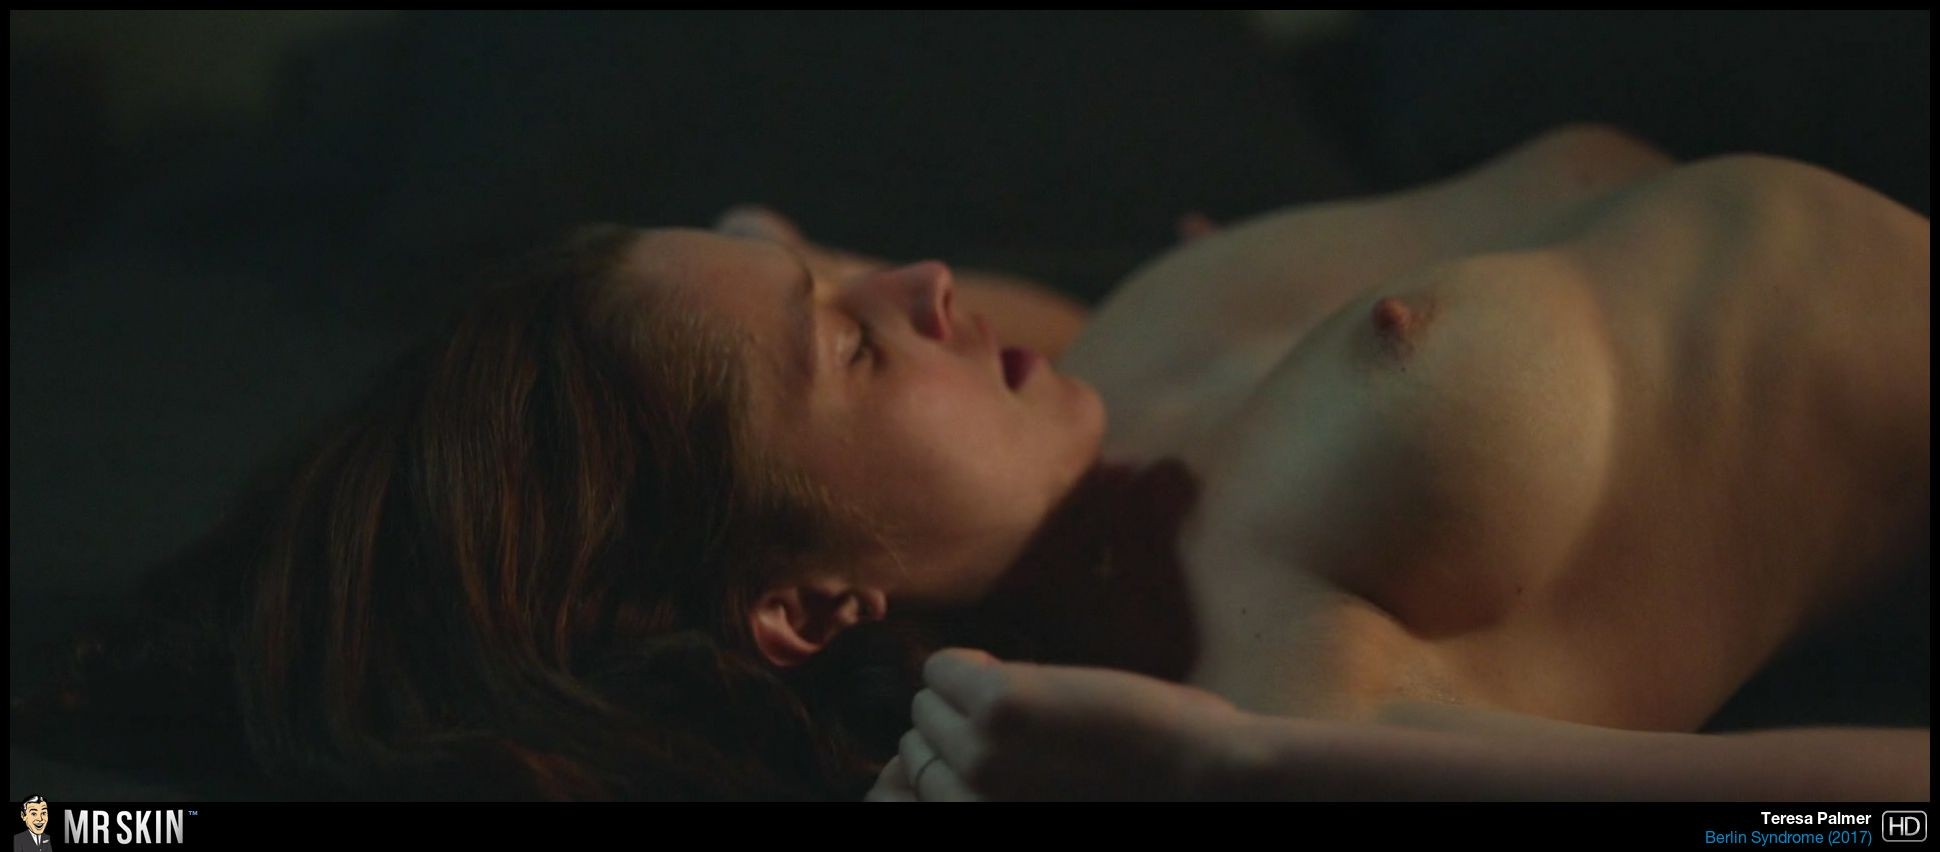 Teresa Palmer desnudo en la cama